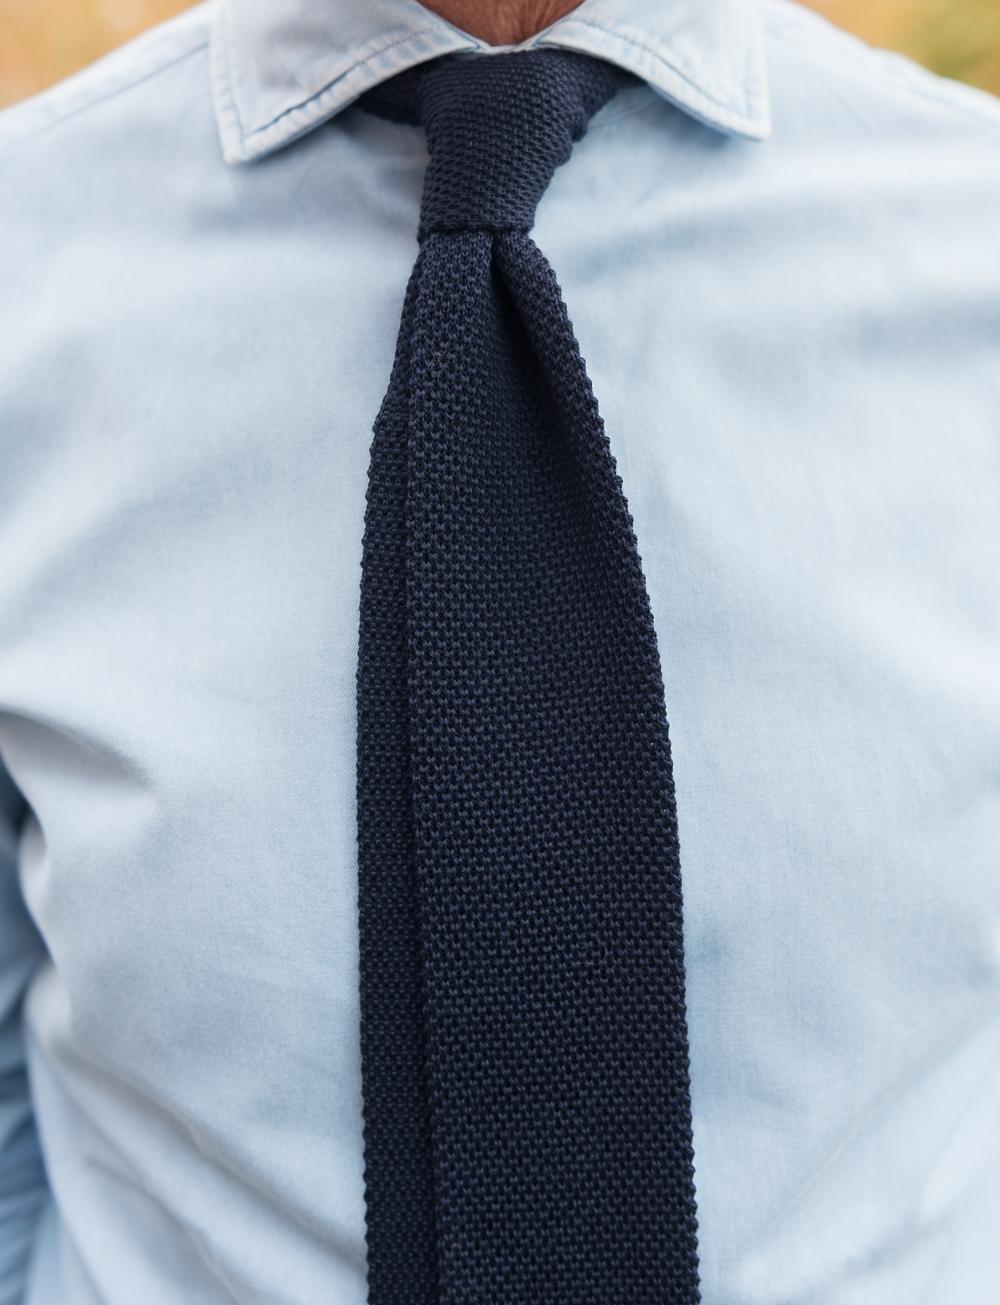 nouveau style de 2019 Acheter Authentic chaussures décontractées Cravate en tricot de laine - bleu marine